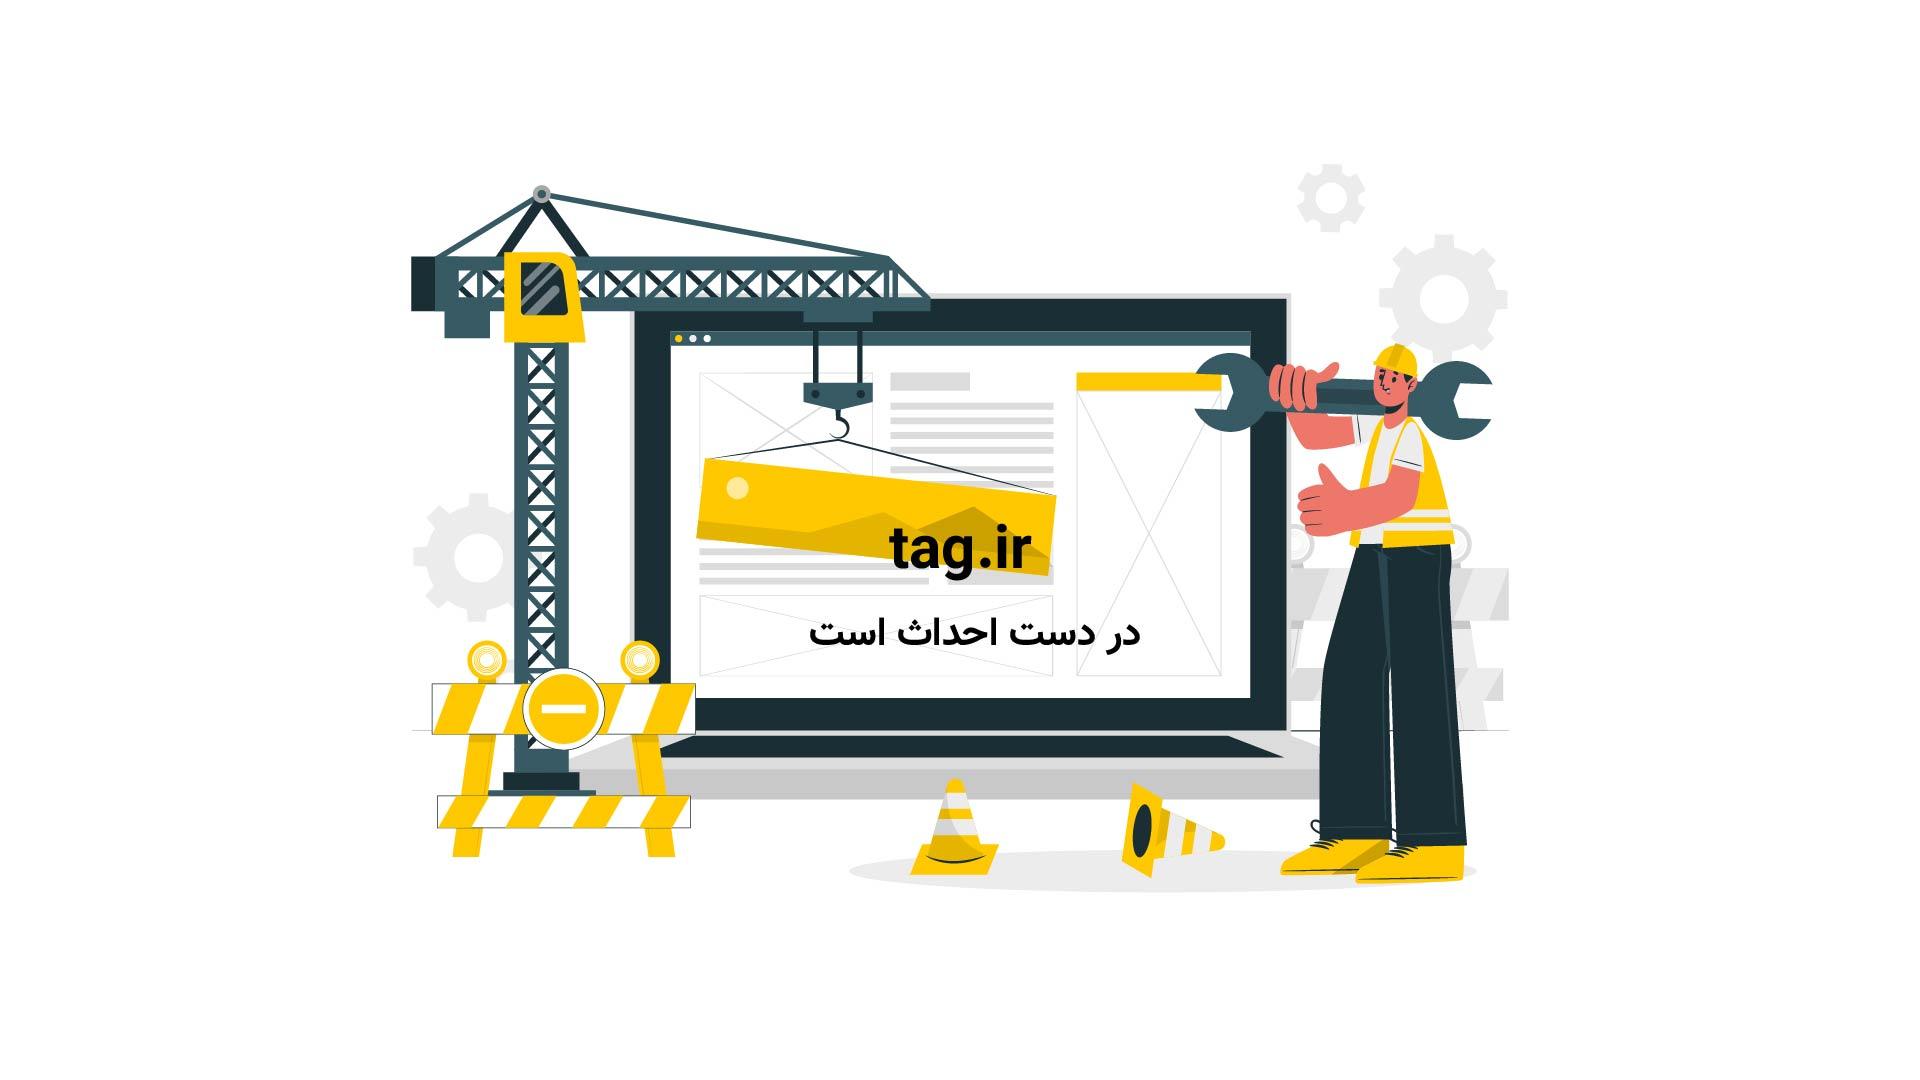 مردی که با گرگها زندگی میکند|تگ